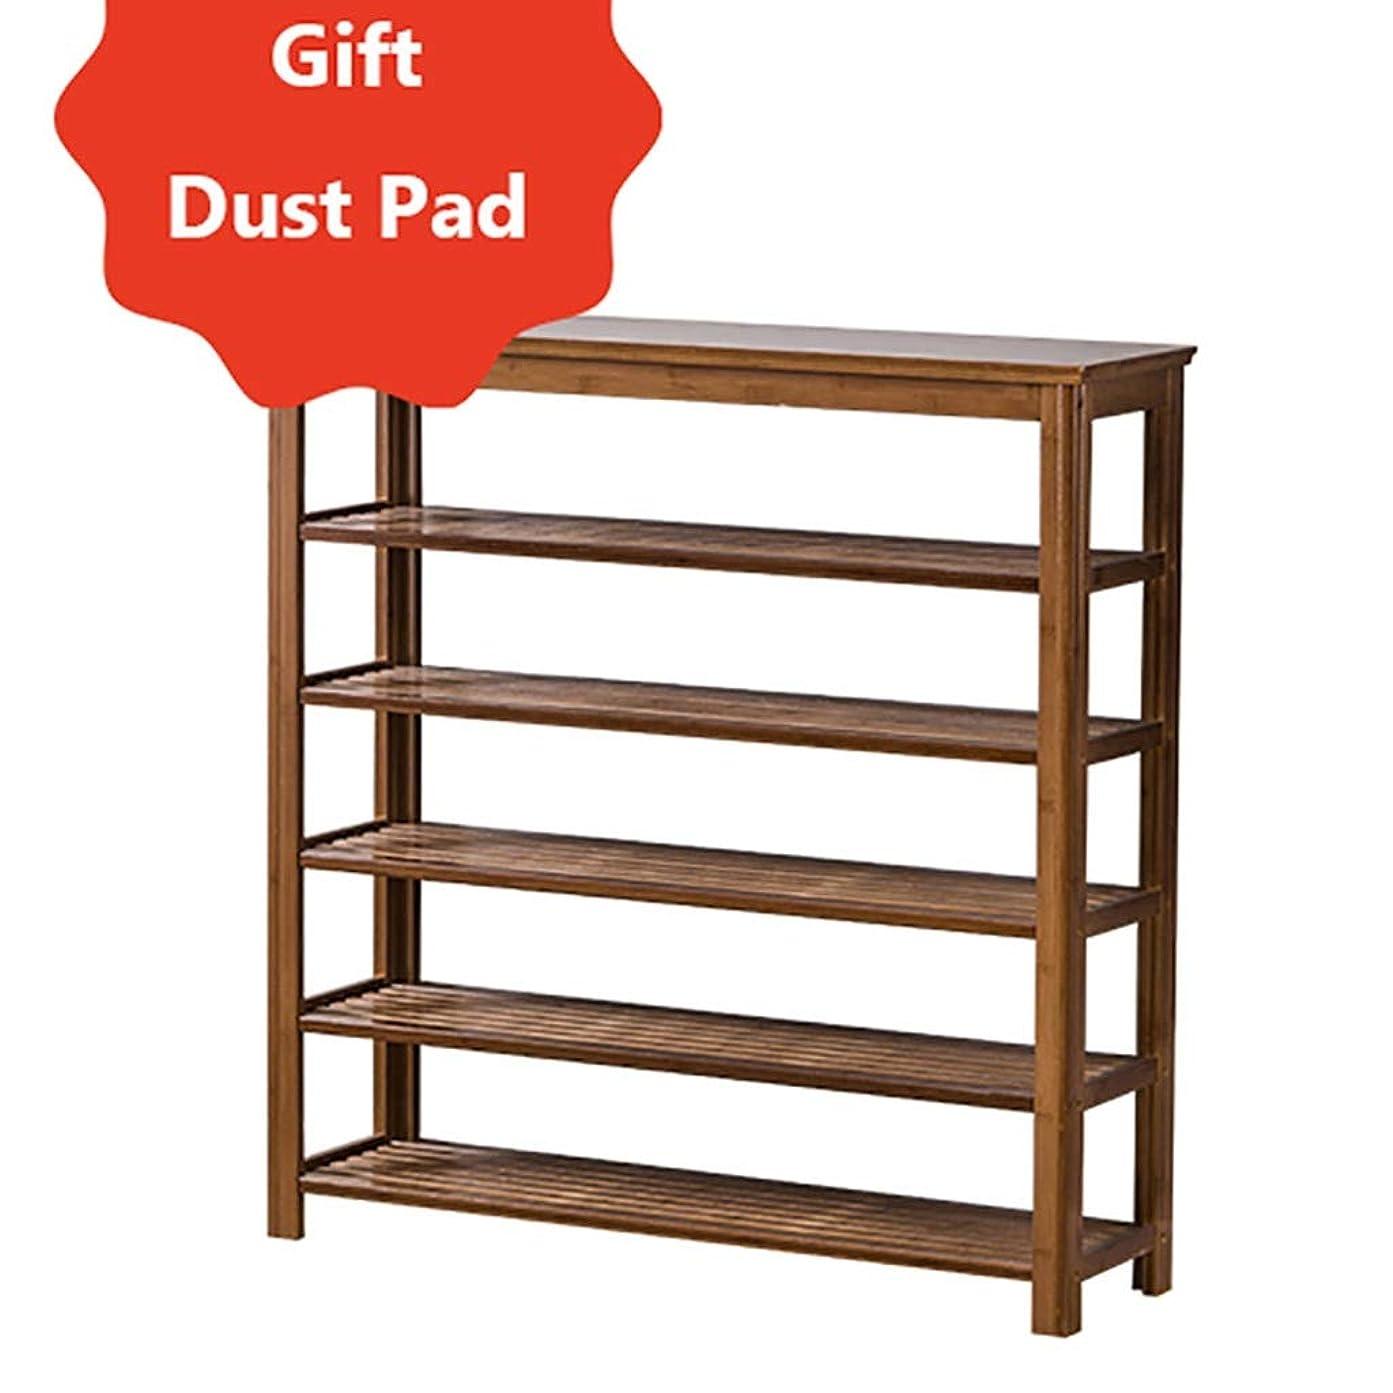 取得広げる土6段木製シューラック、収納シューラック、、廊下、バスルーム、リビングルームに最適 (Size : 100cm*29cm*101cm)